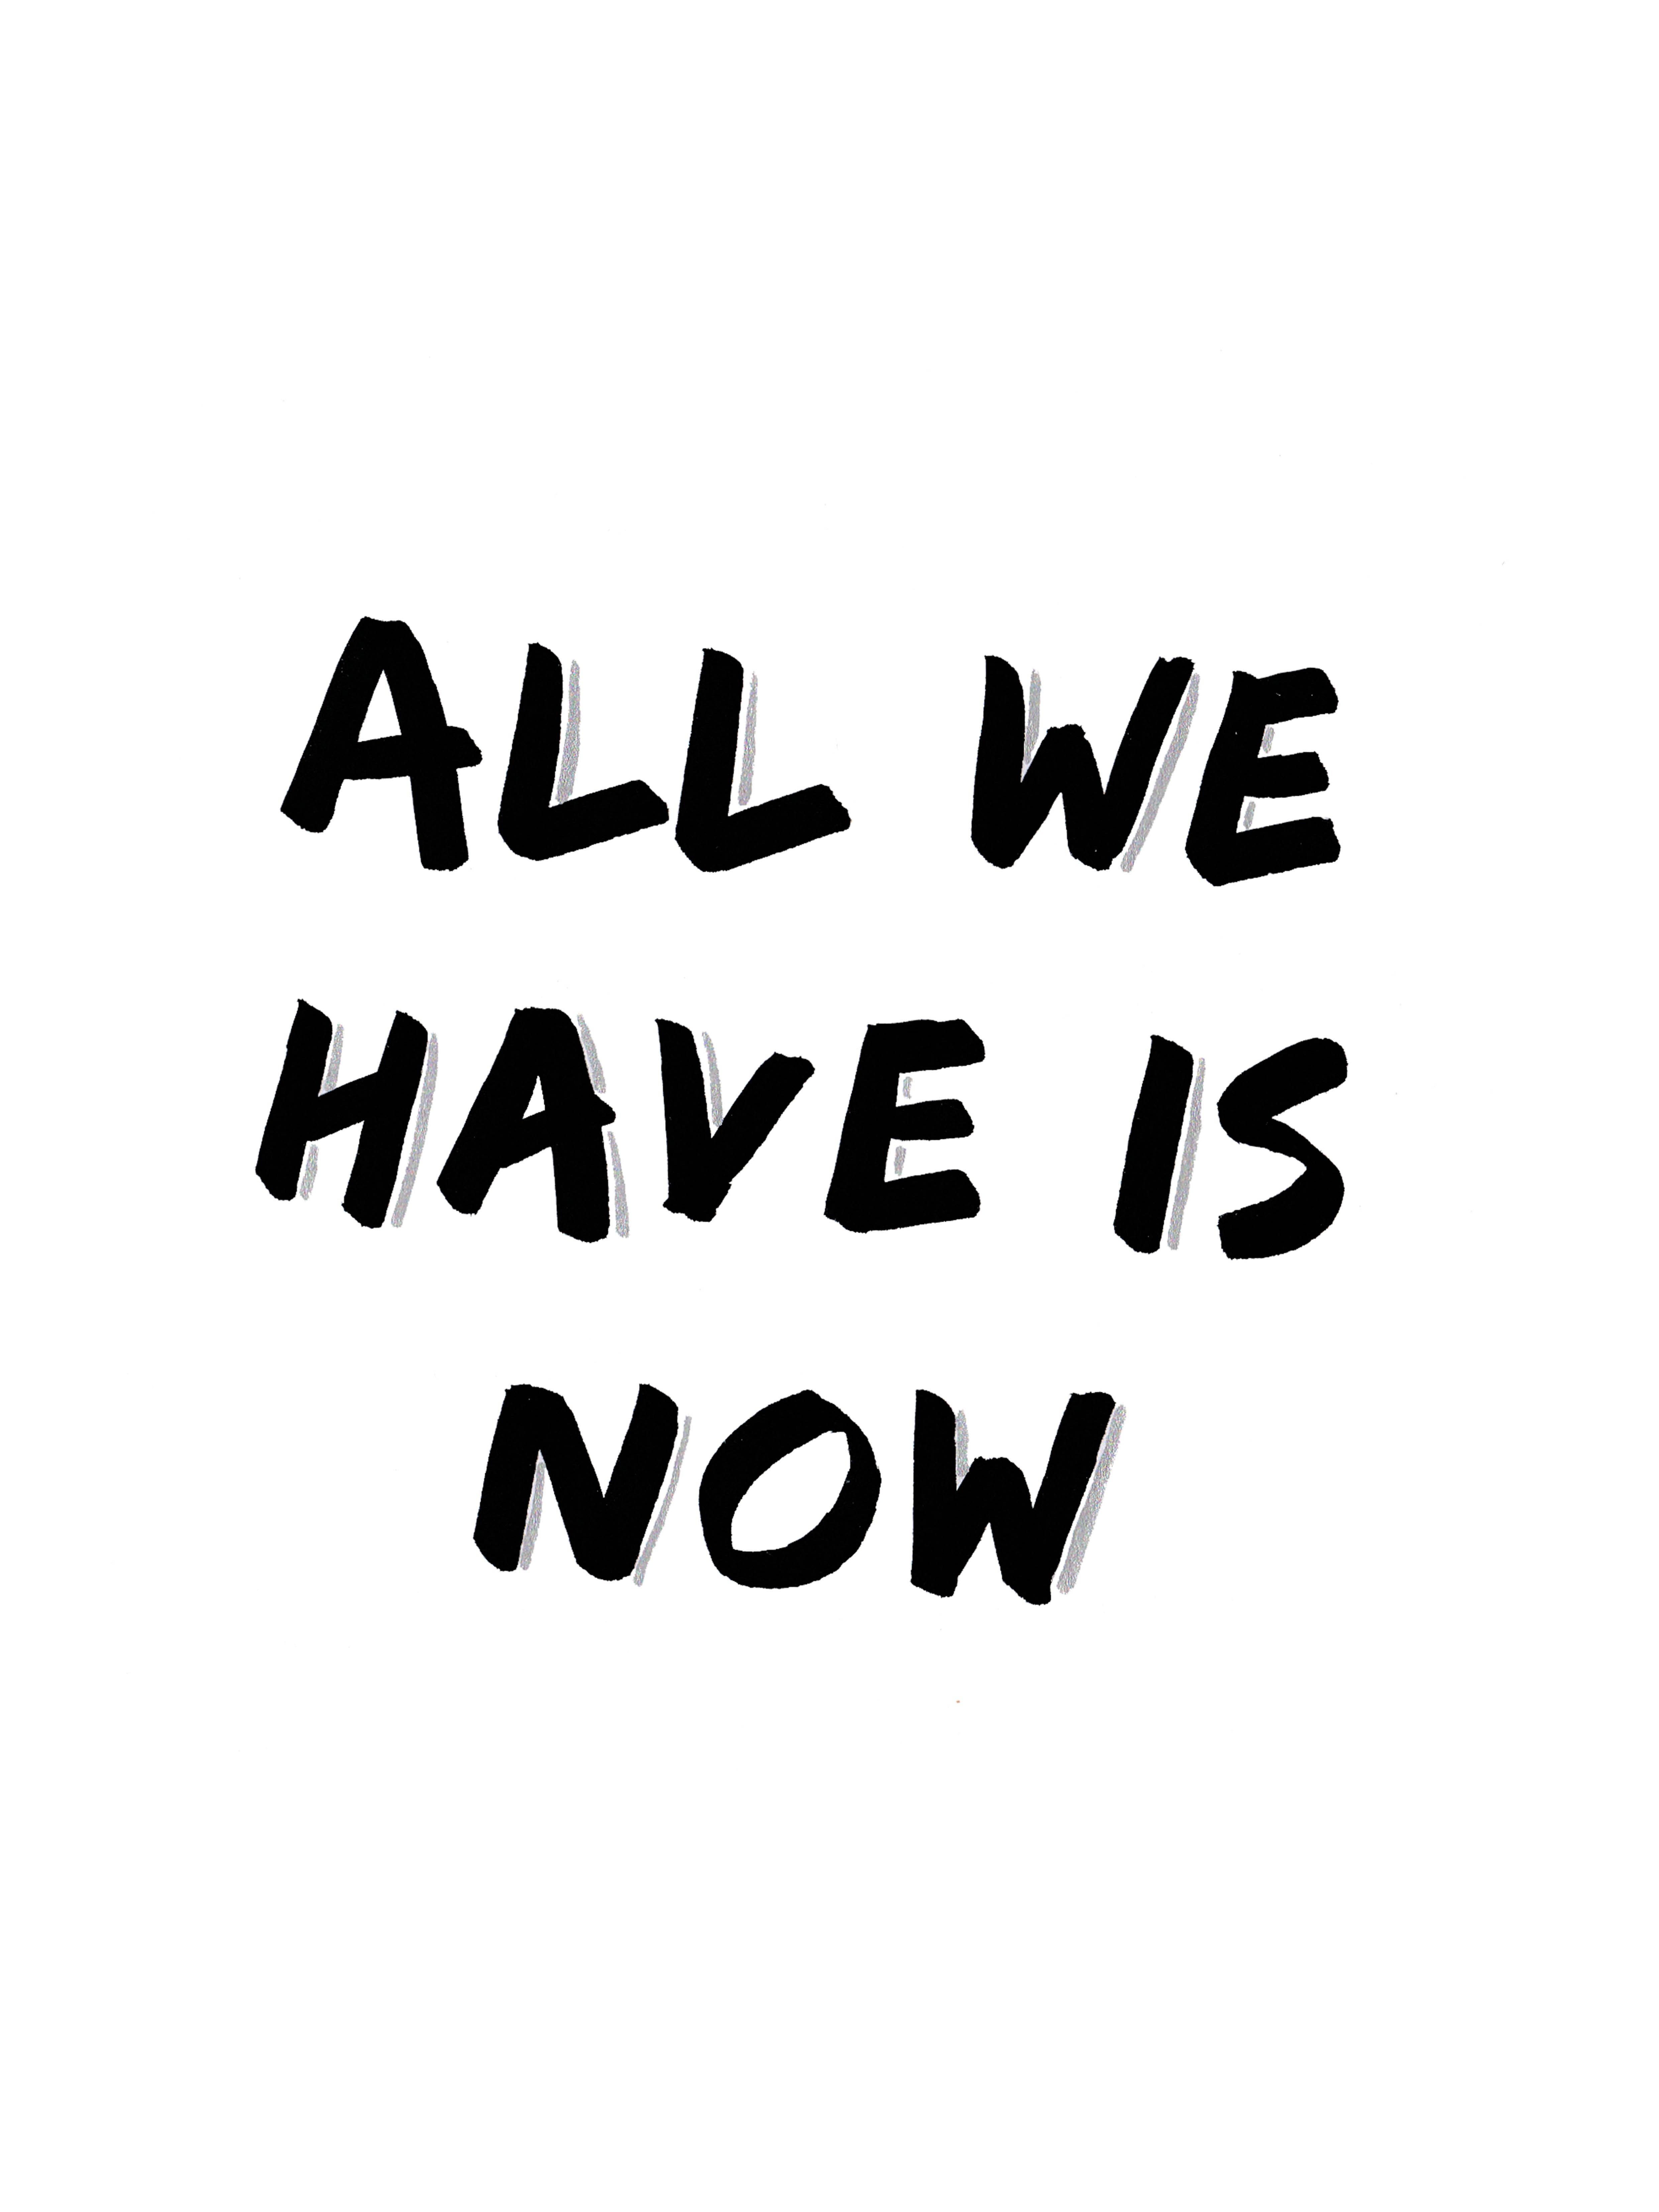 all we have is now zitat typographie schwarz auf wei aquarell herunterladbares posterprint - Sarah Connor Lebenslauf